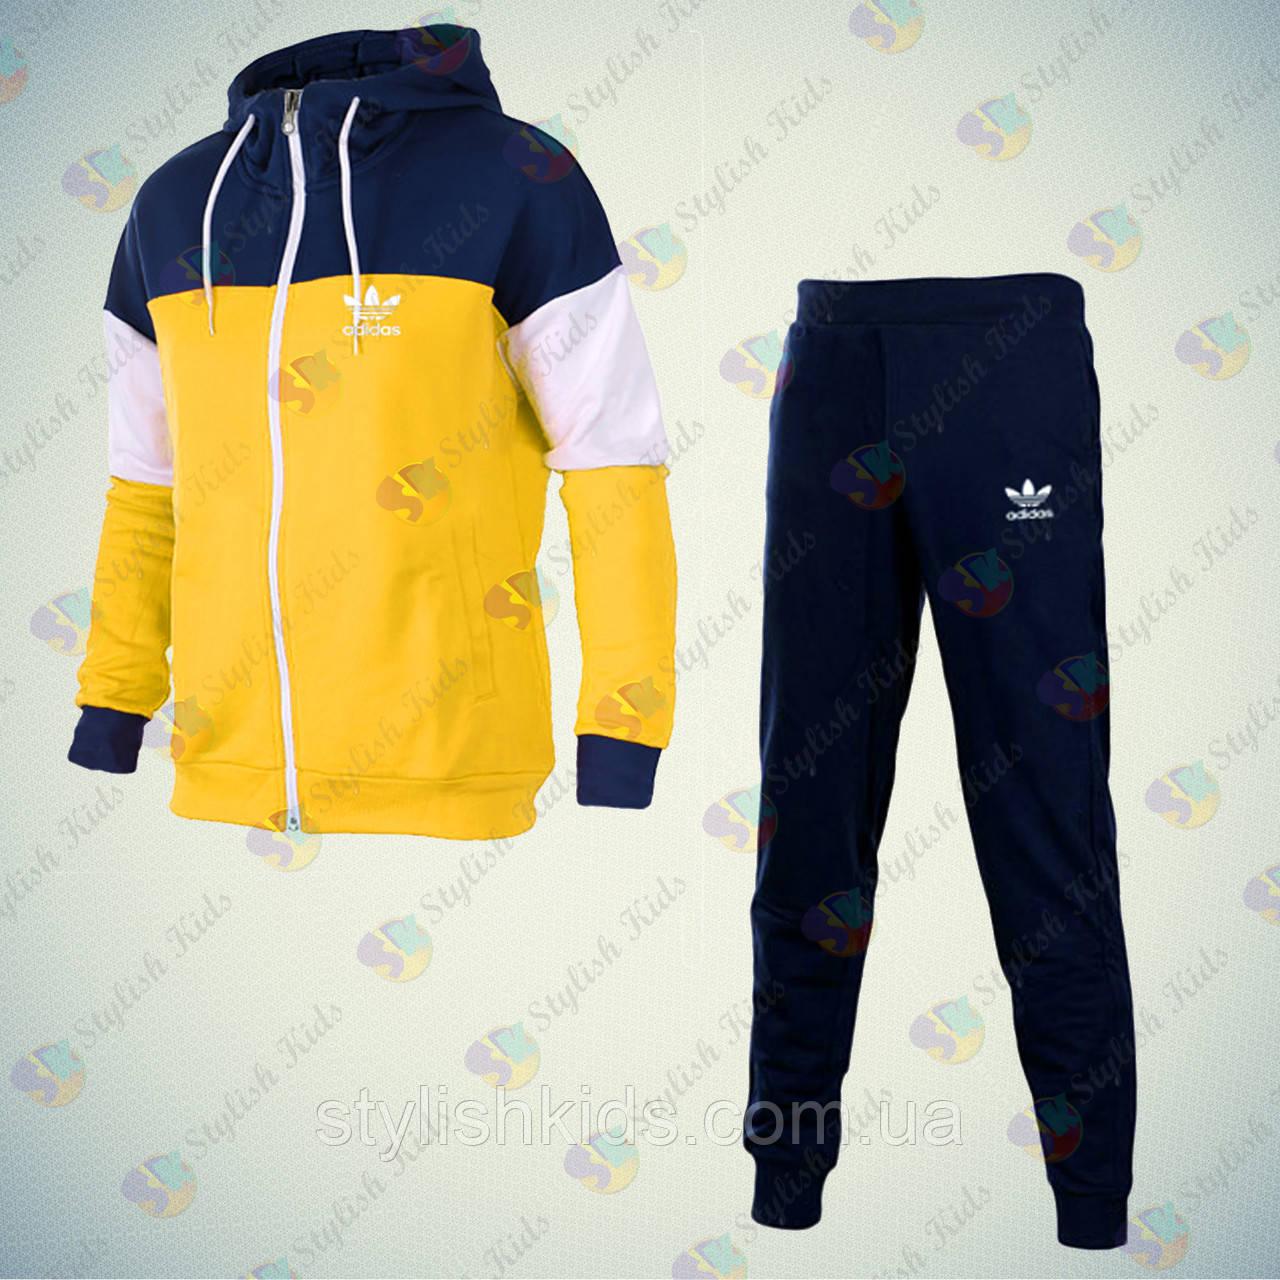 5bfddf2f3 Спортивные костюмы подростковые.Подростковый спортивный костюм для мальчика  в интернет магазине.